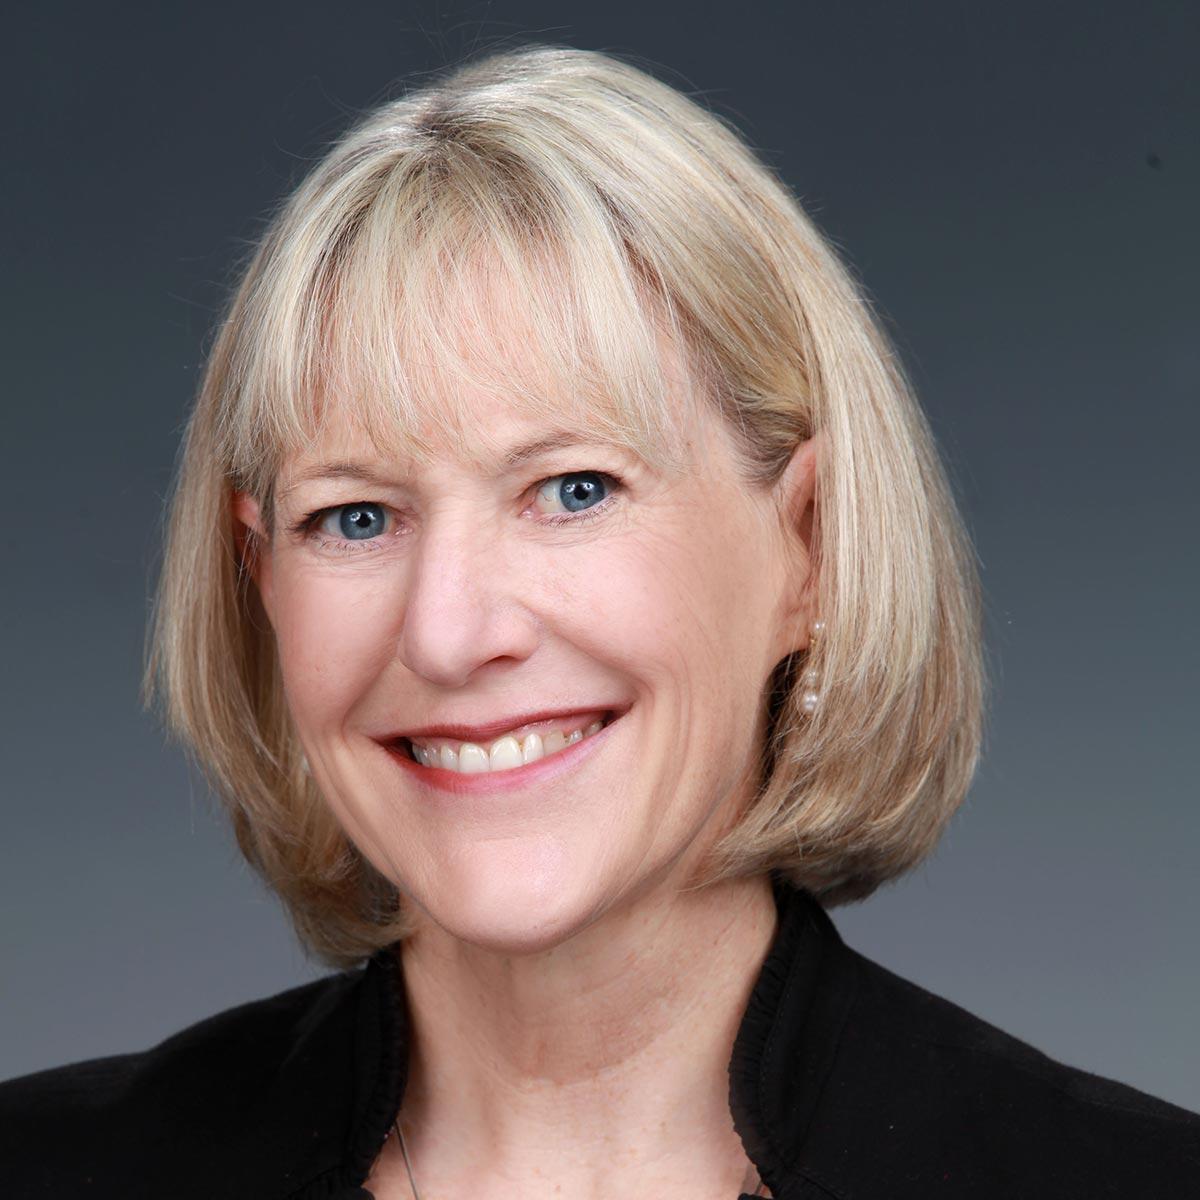 Janet Jansson